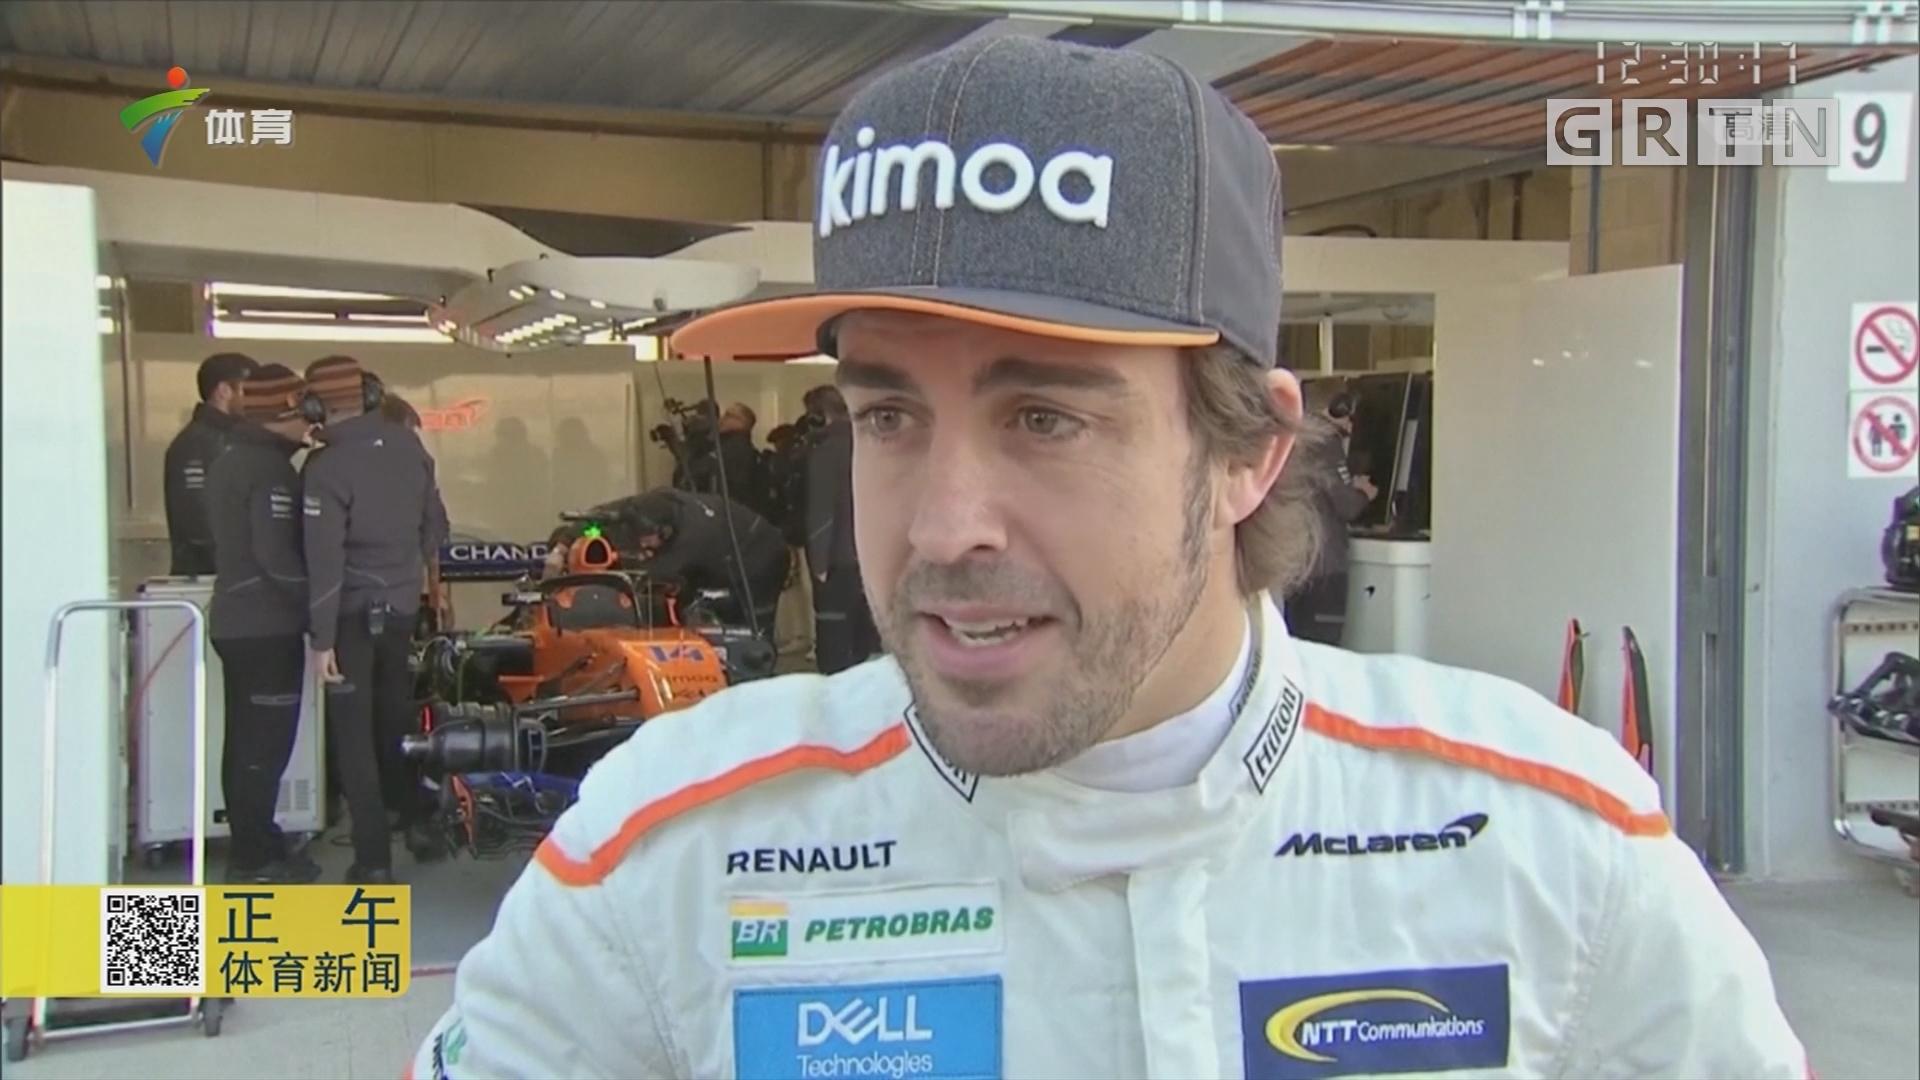 阿隆索试驾新车 对新赛季充满期待